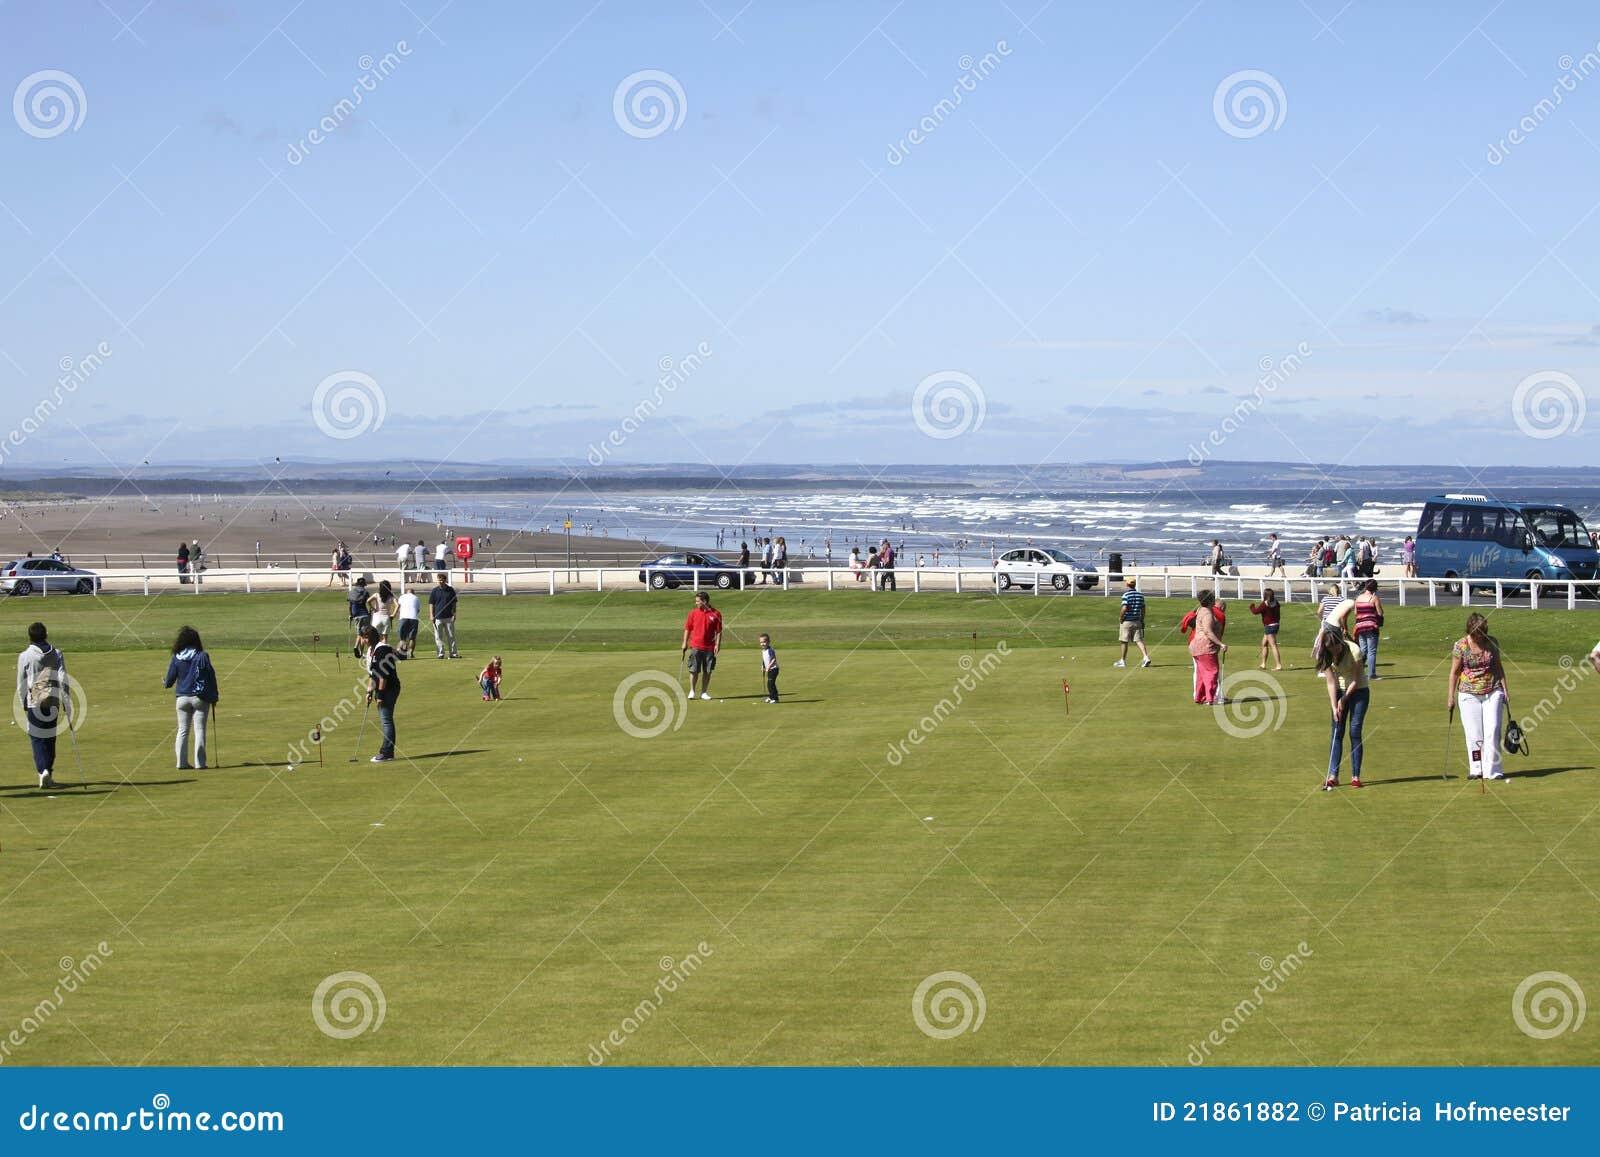 Collegamenti di golf della st andrews vicino alla spiaggia - Alla colorazione della spiaggia ...